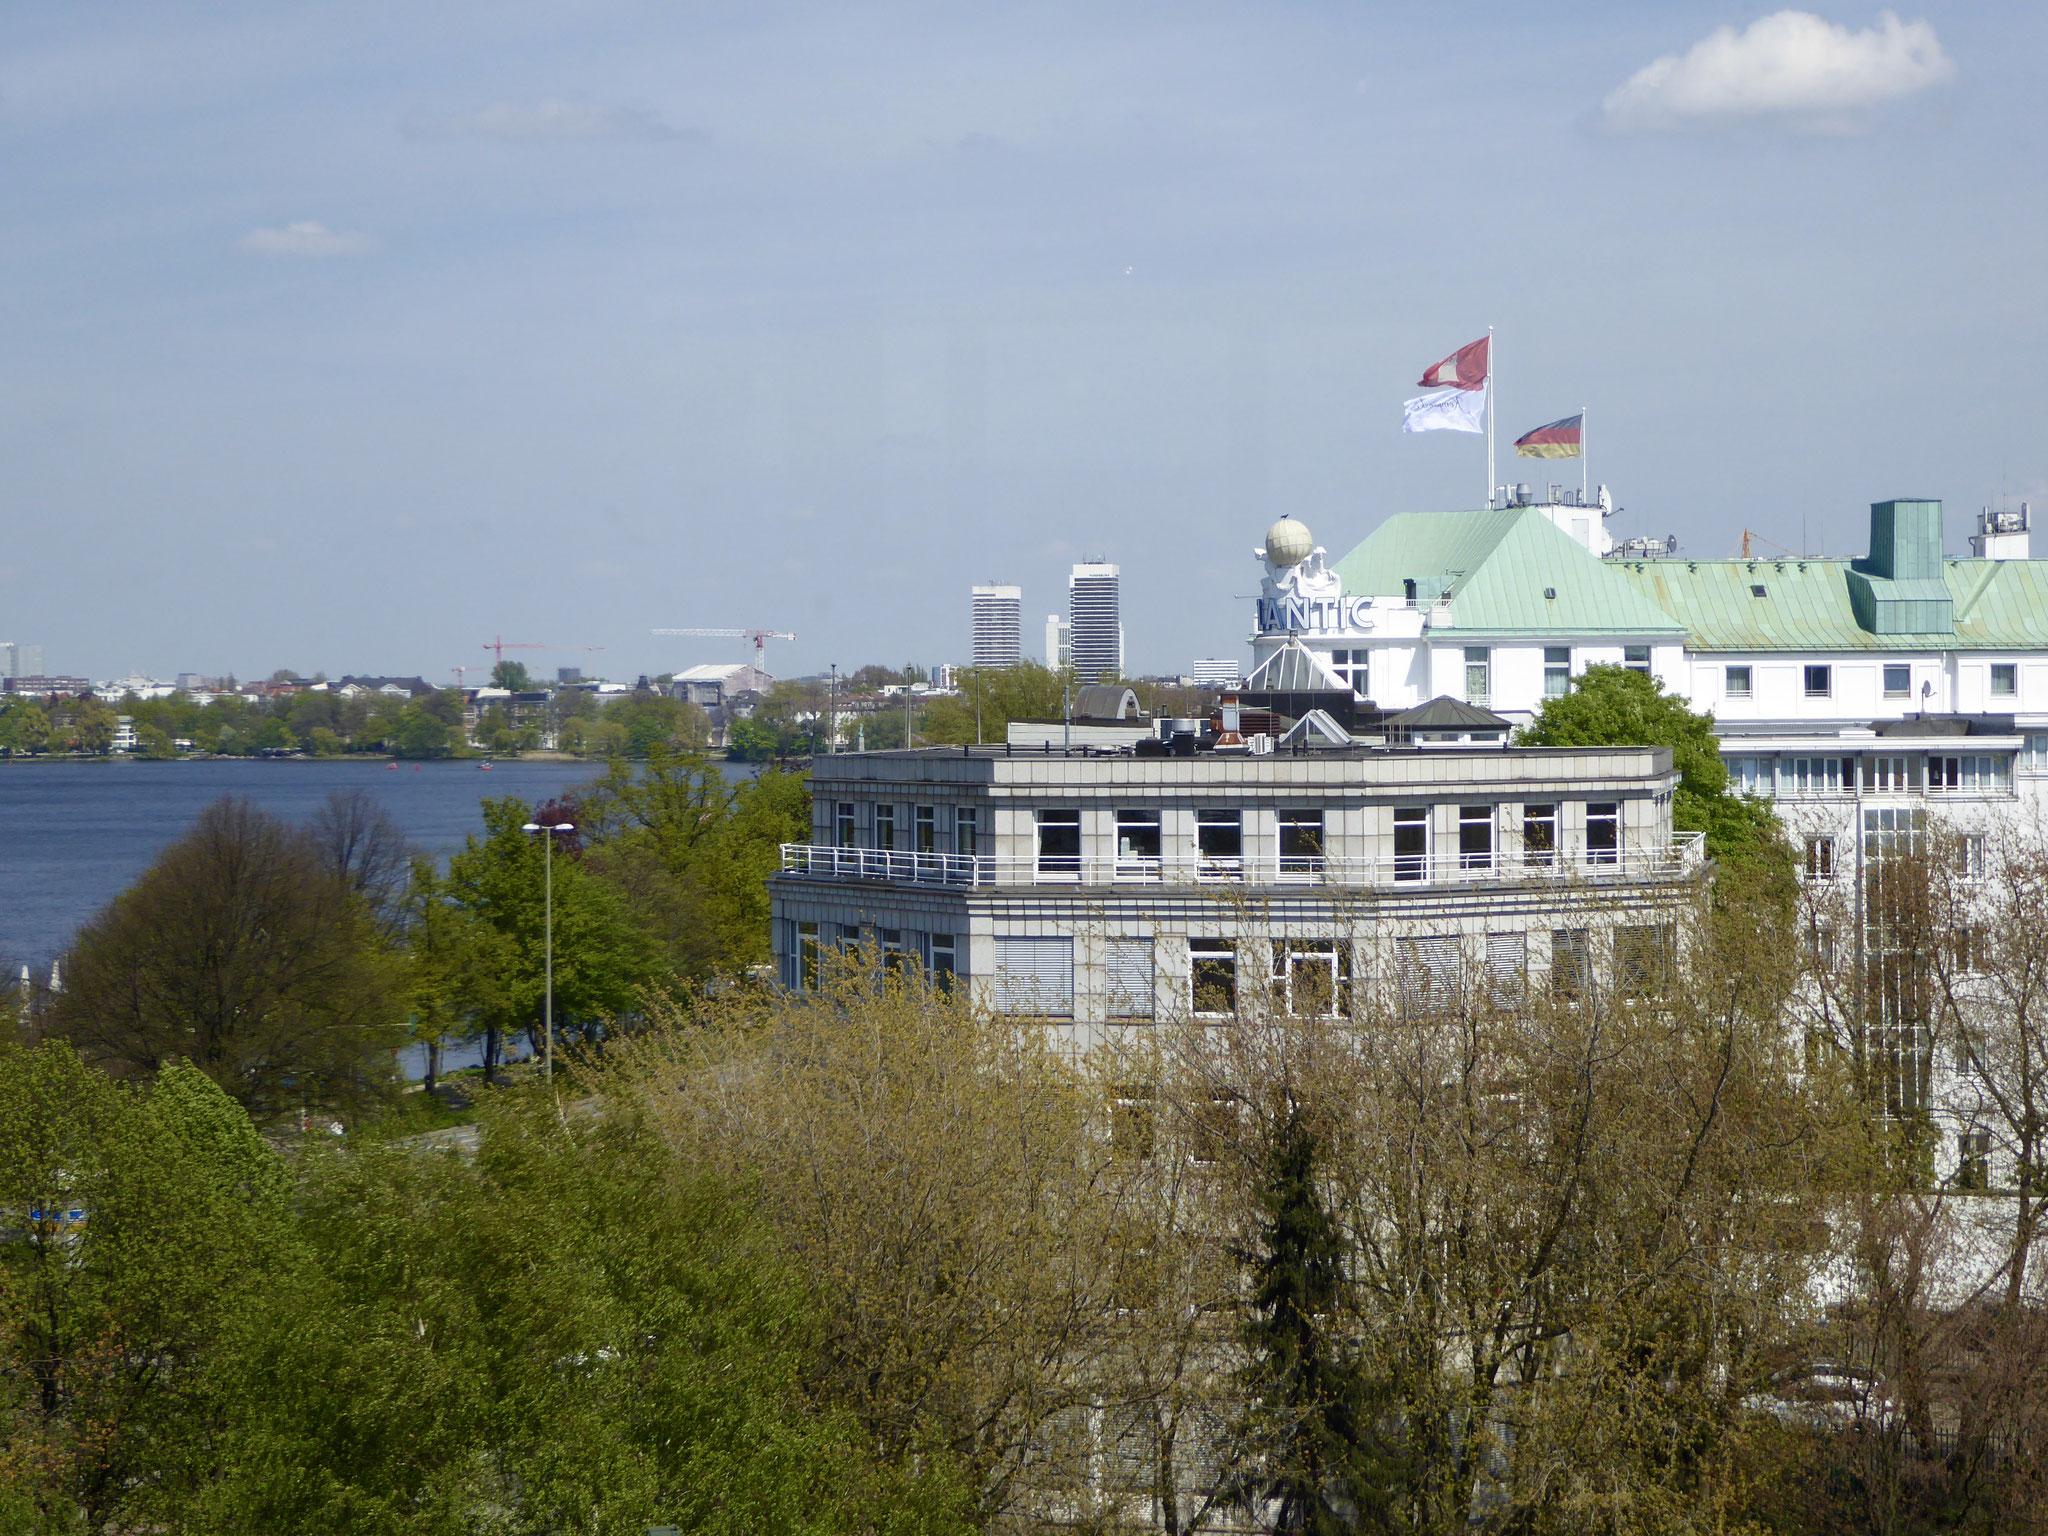 Blick auf Hotel Atlantik und die Außenalster